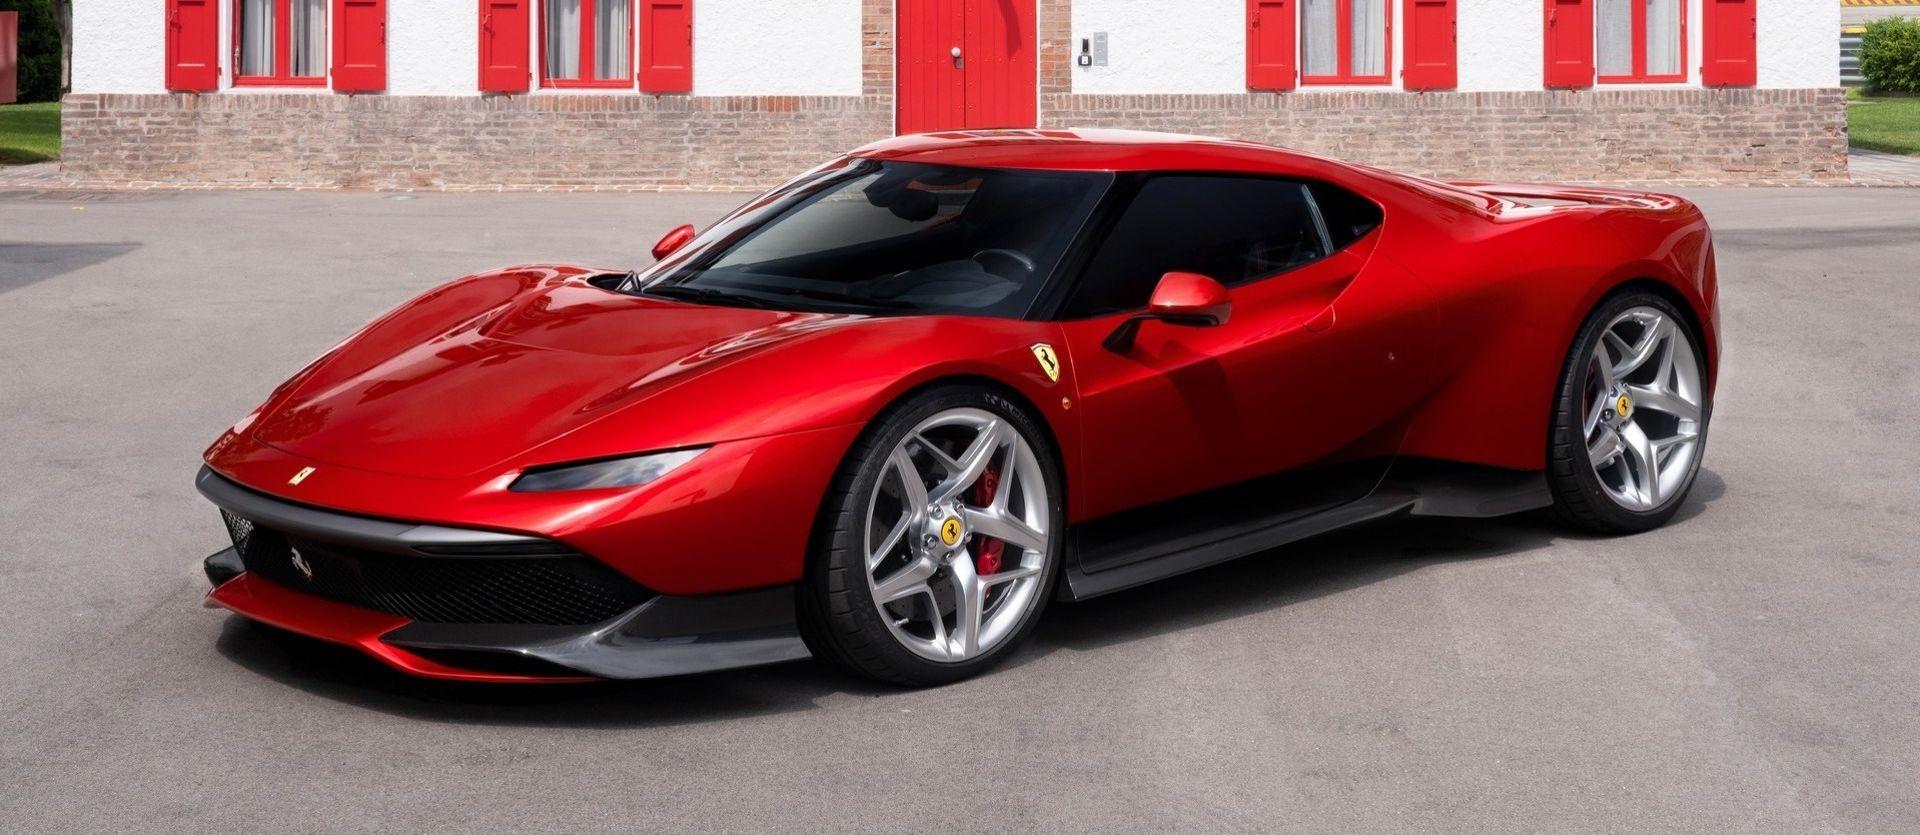 Ferrari Sp38 One Off P